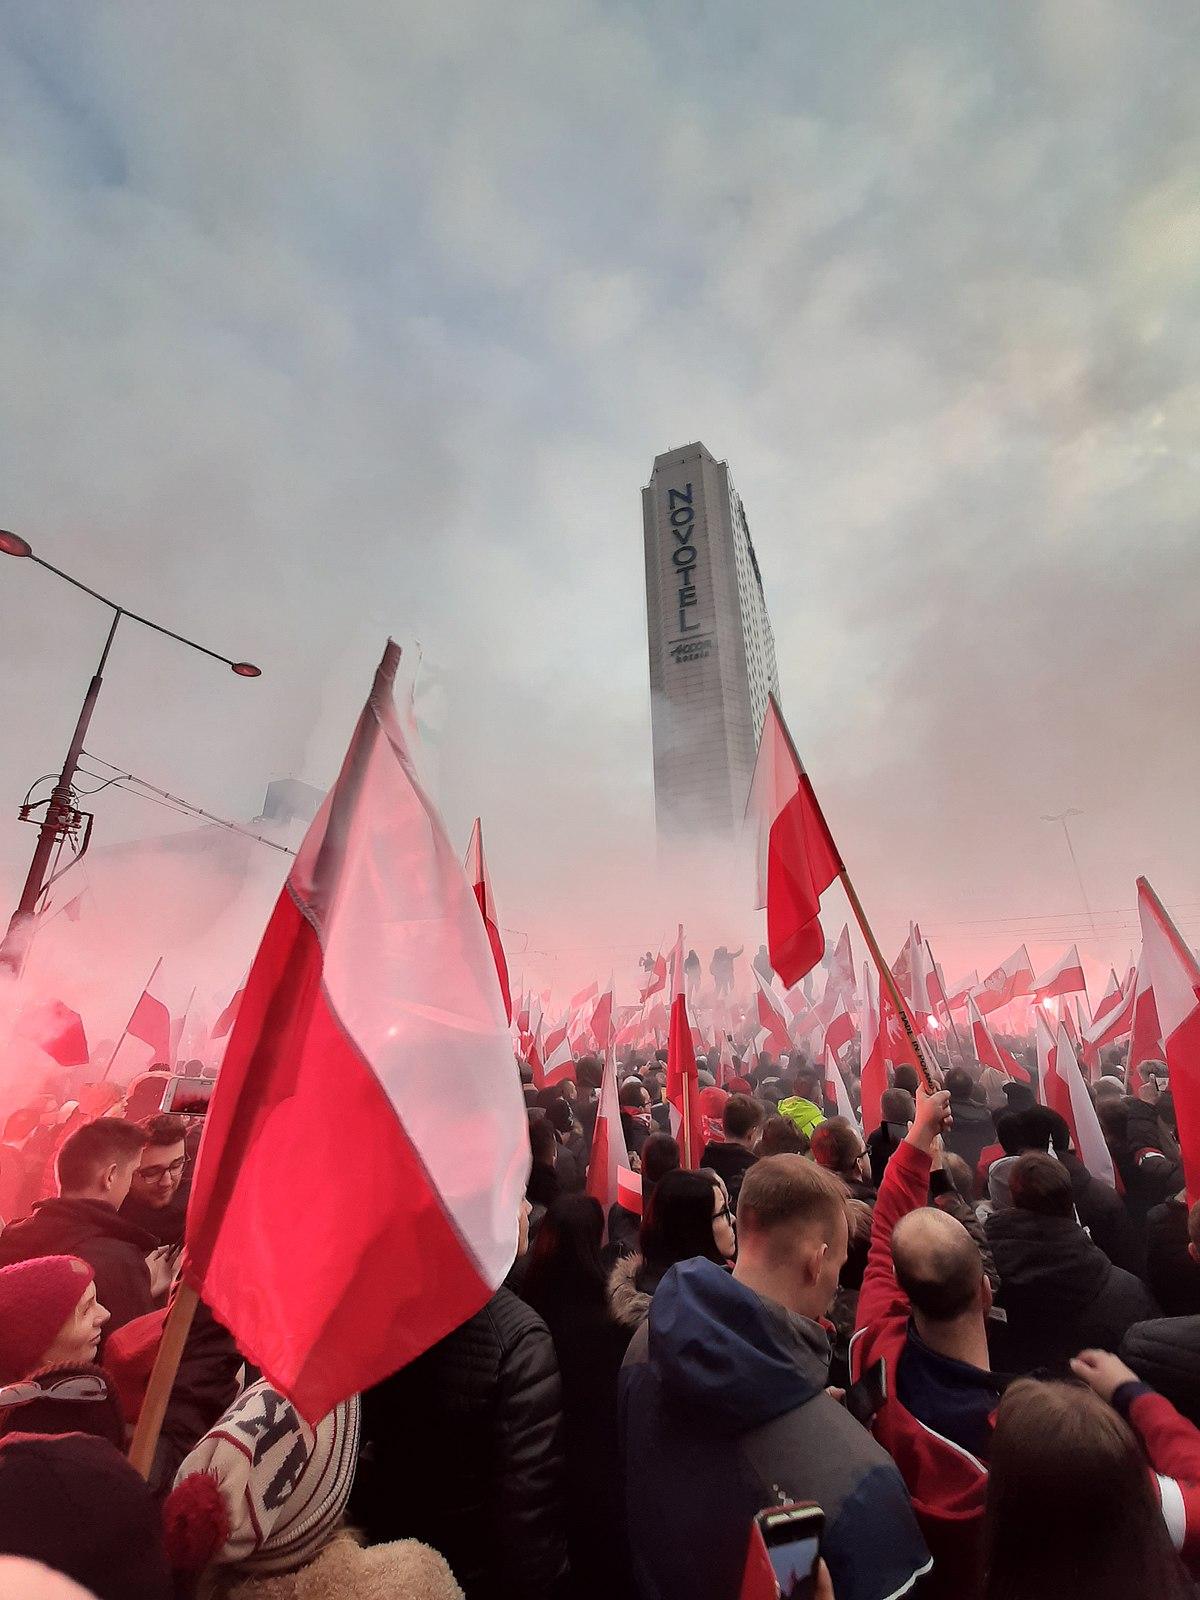 Marsz Niepodległości – Wikipedia, wolna encyklopedia